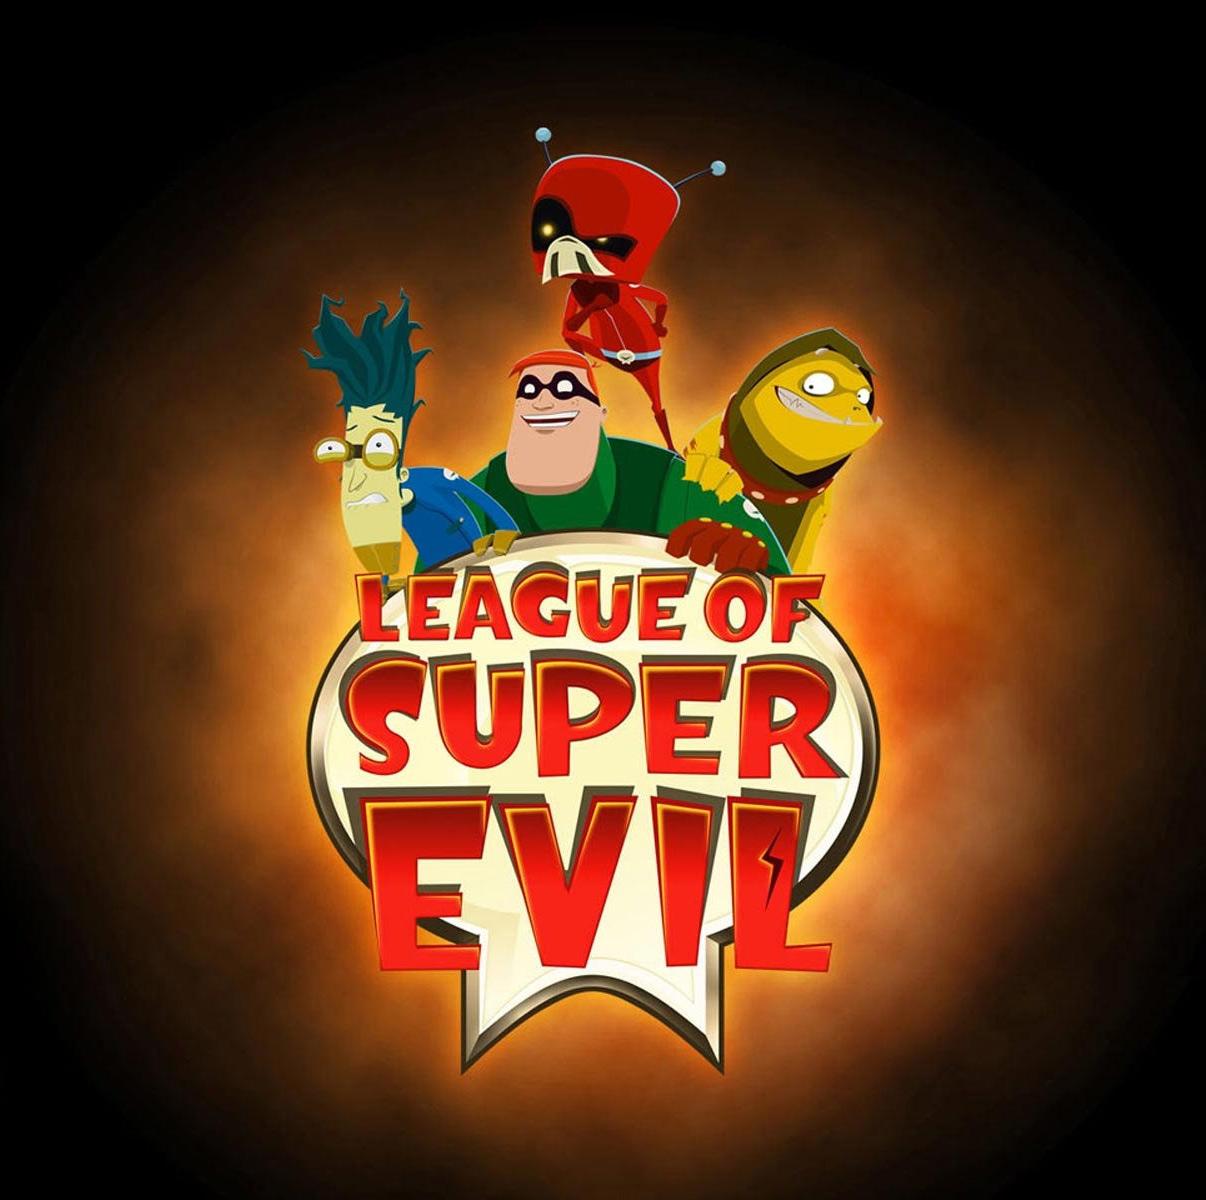 The League of Super Evil